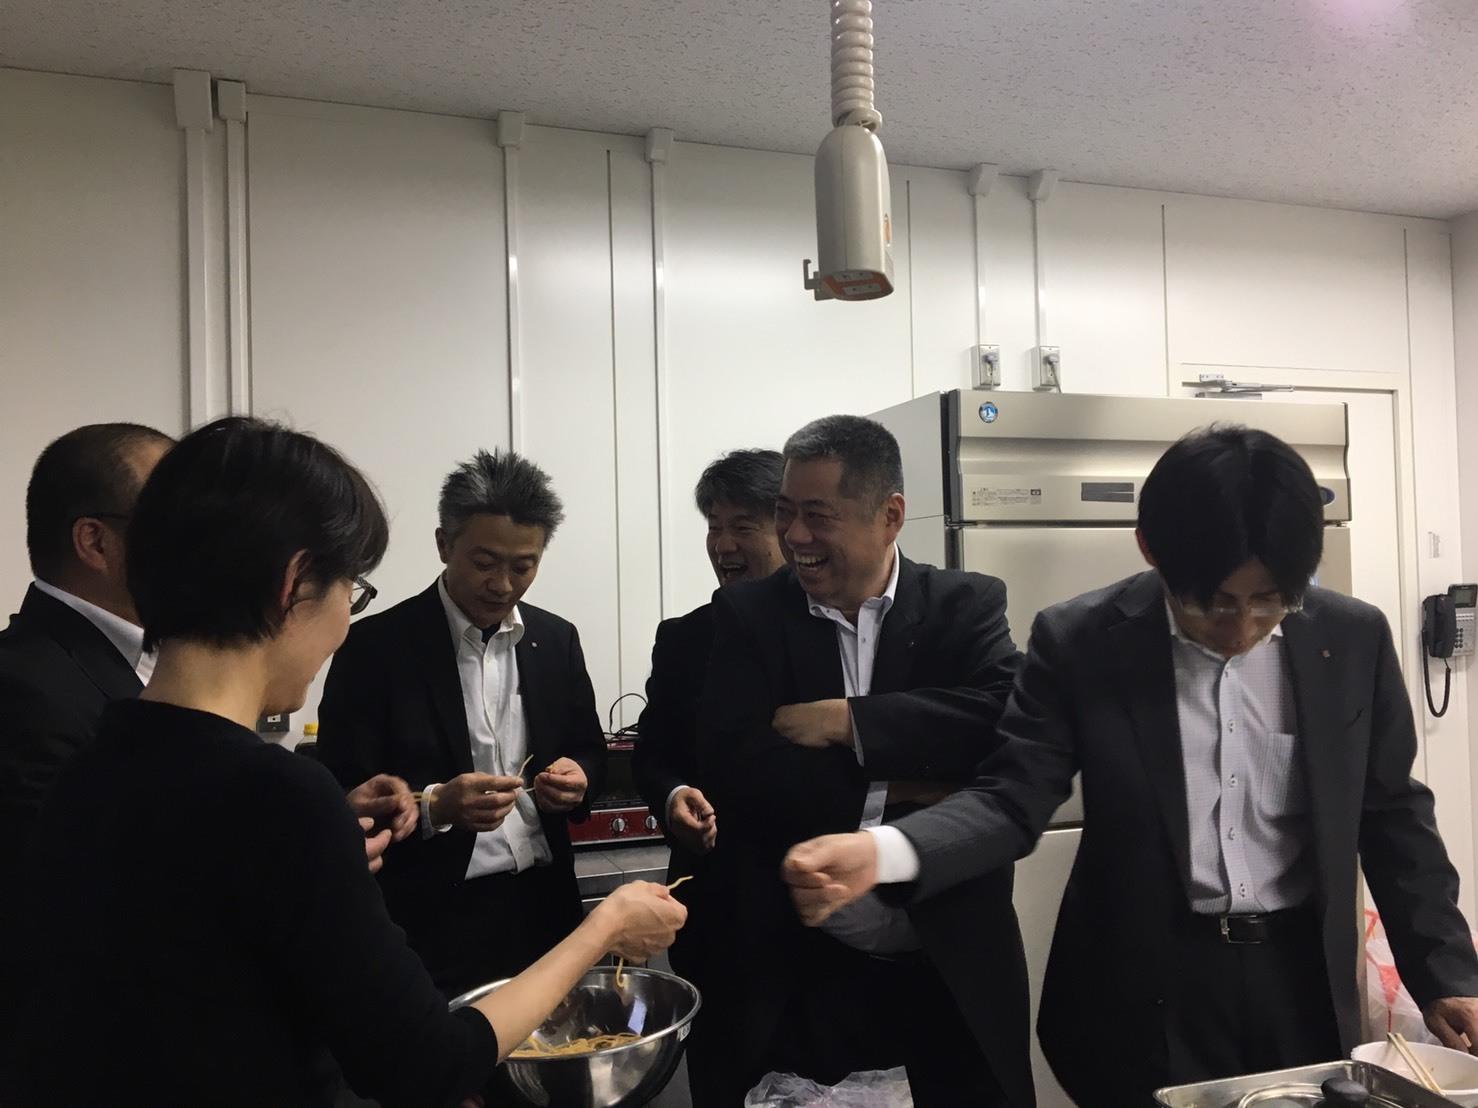 米粉料理プレゼンテーション_b0290120_17222641.jpg